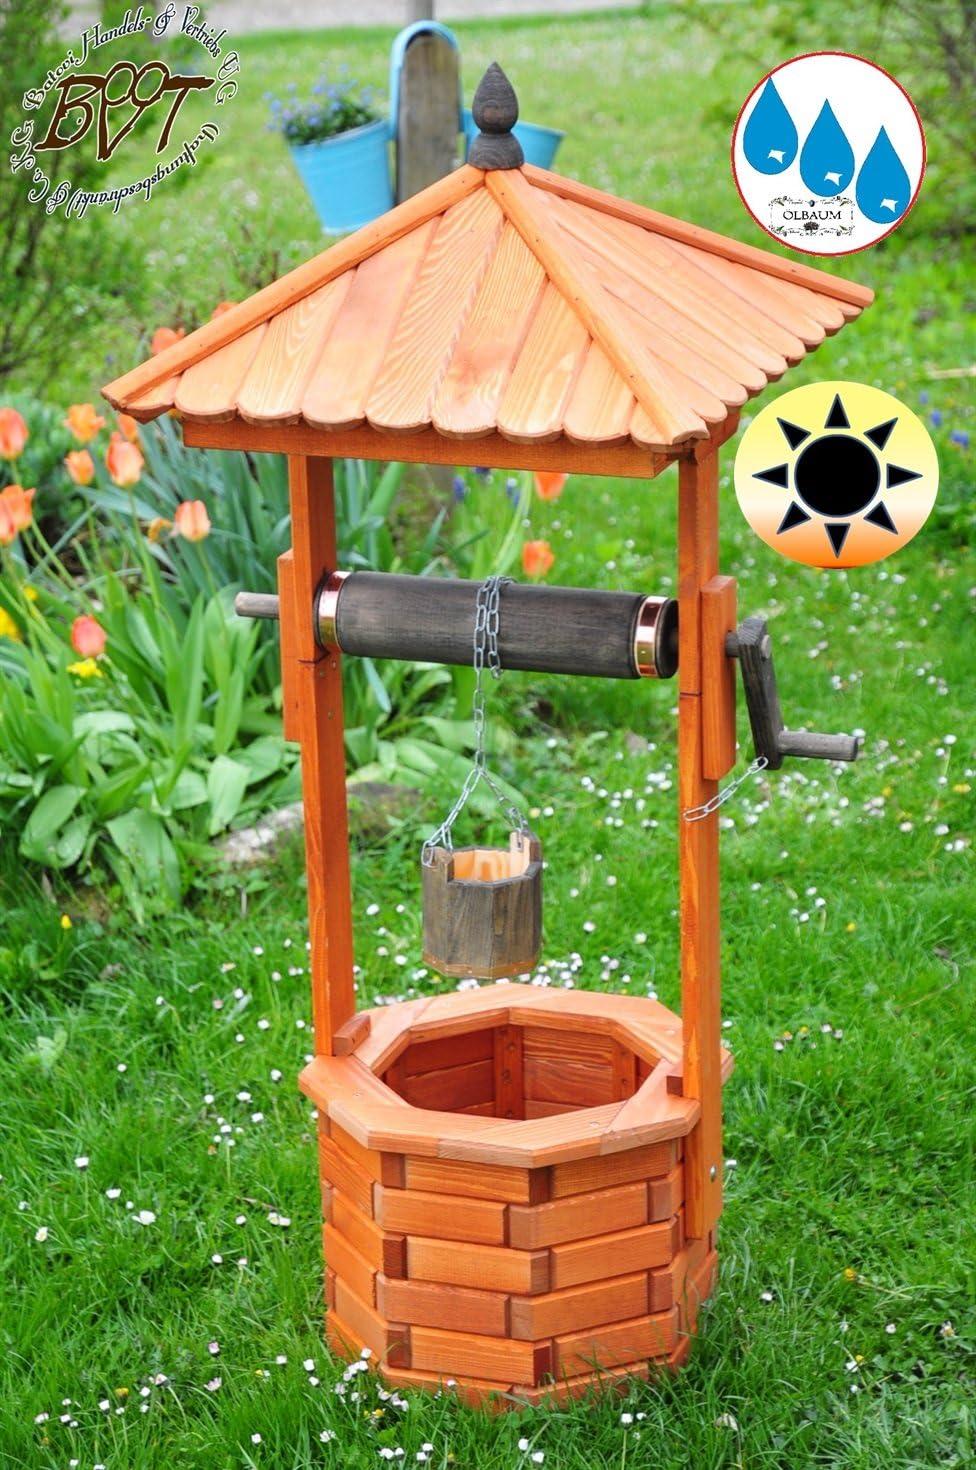 XXL de madera de Brunnen, Diseñador de jardín Brunnen aprox. 160 – 170 cm, einstöckig EXP160 de AT de MS clásico con rollo & cubo, Negro completamente funcionales, con detalles, cadena de